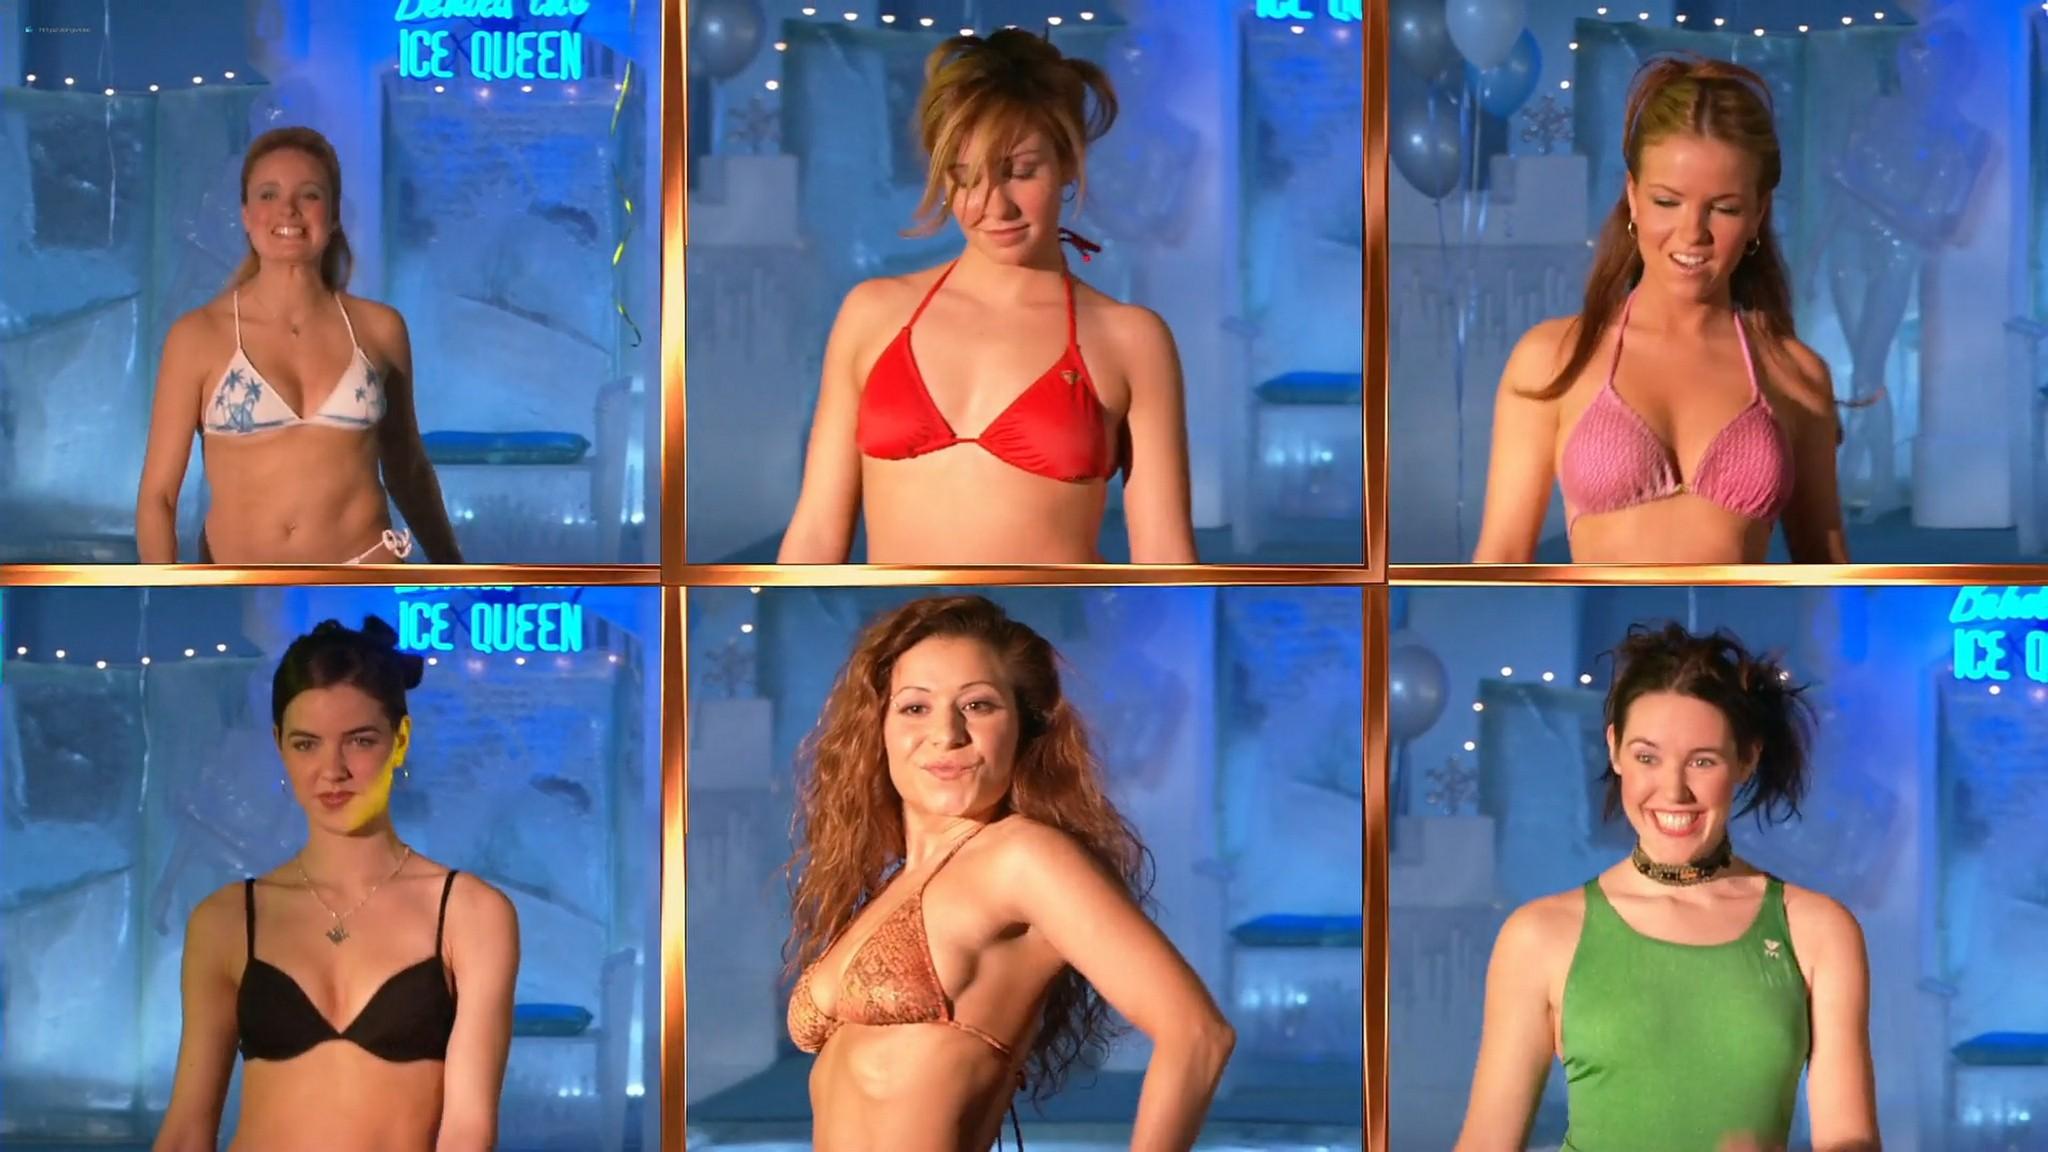 Kim Poirier nude sex Stefanie von Pfetten nude too Decoys 2004 1080p Web 10